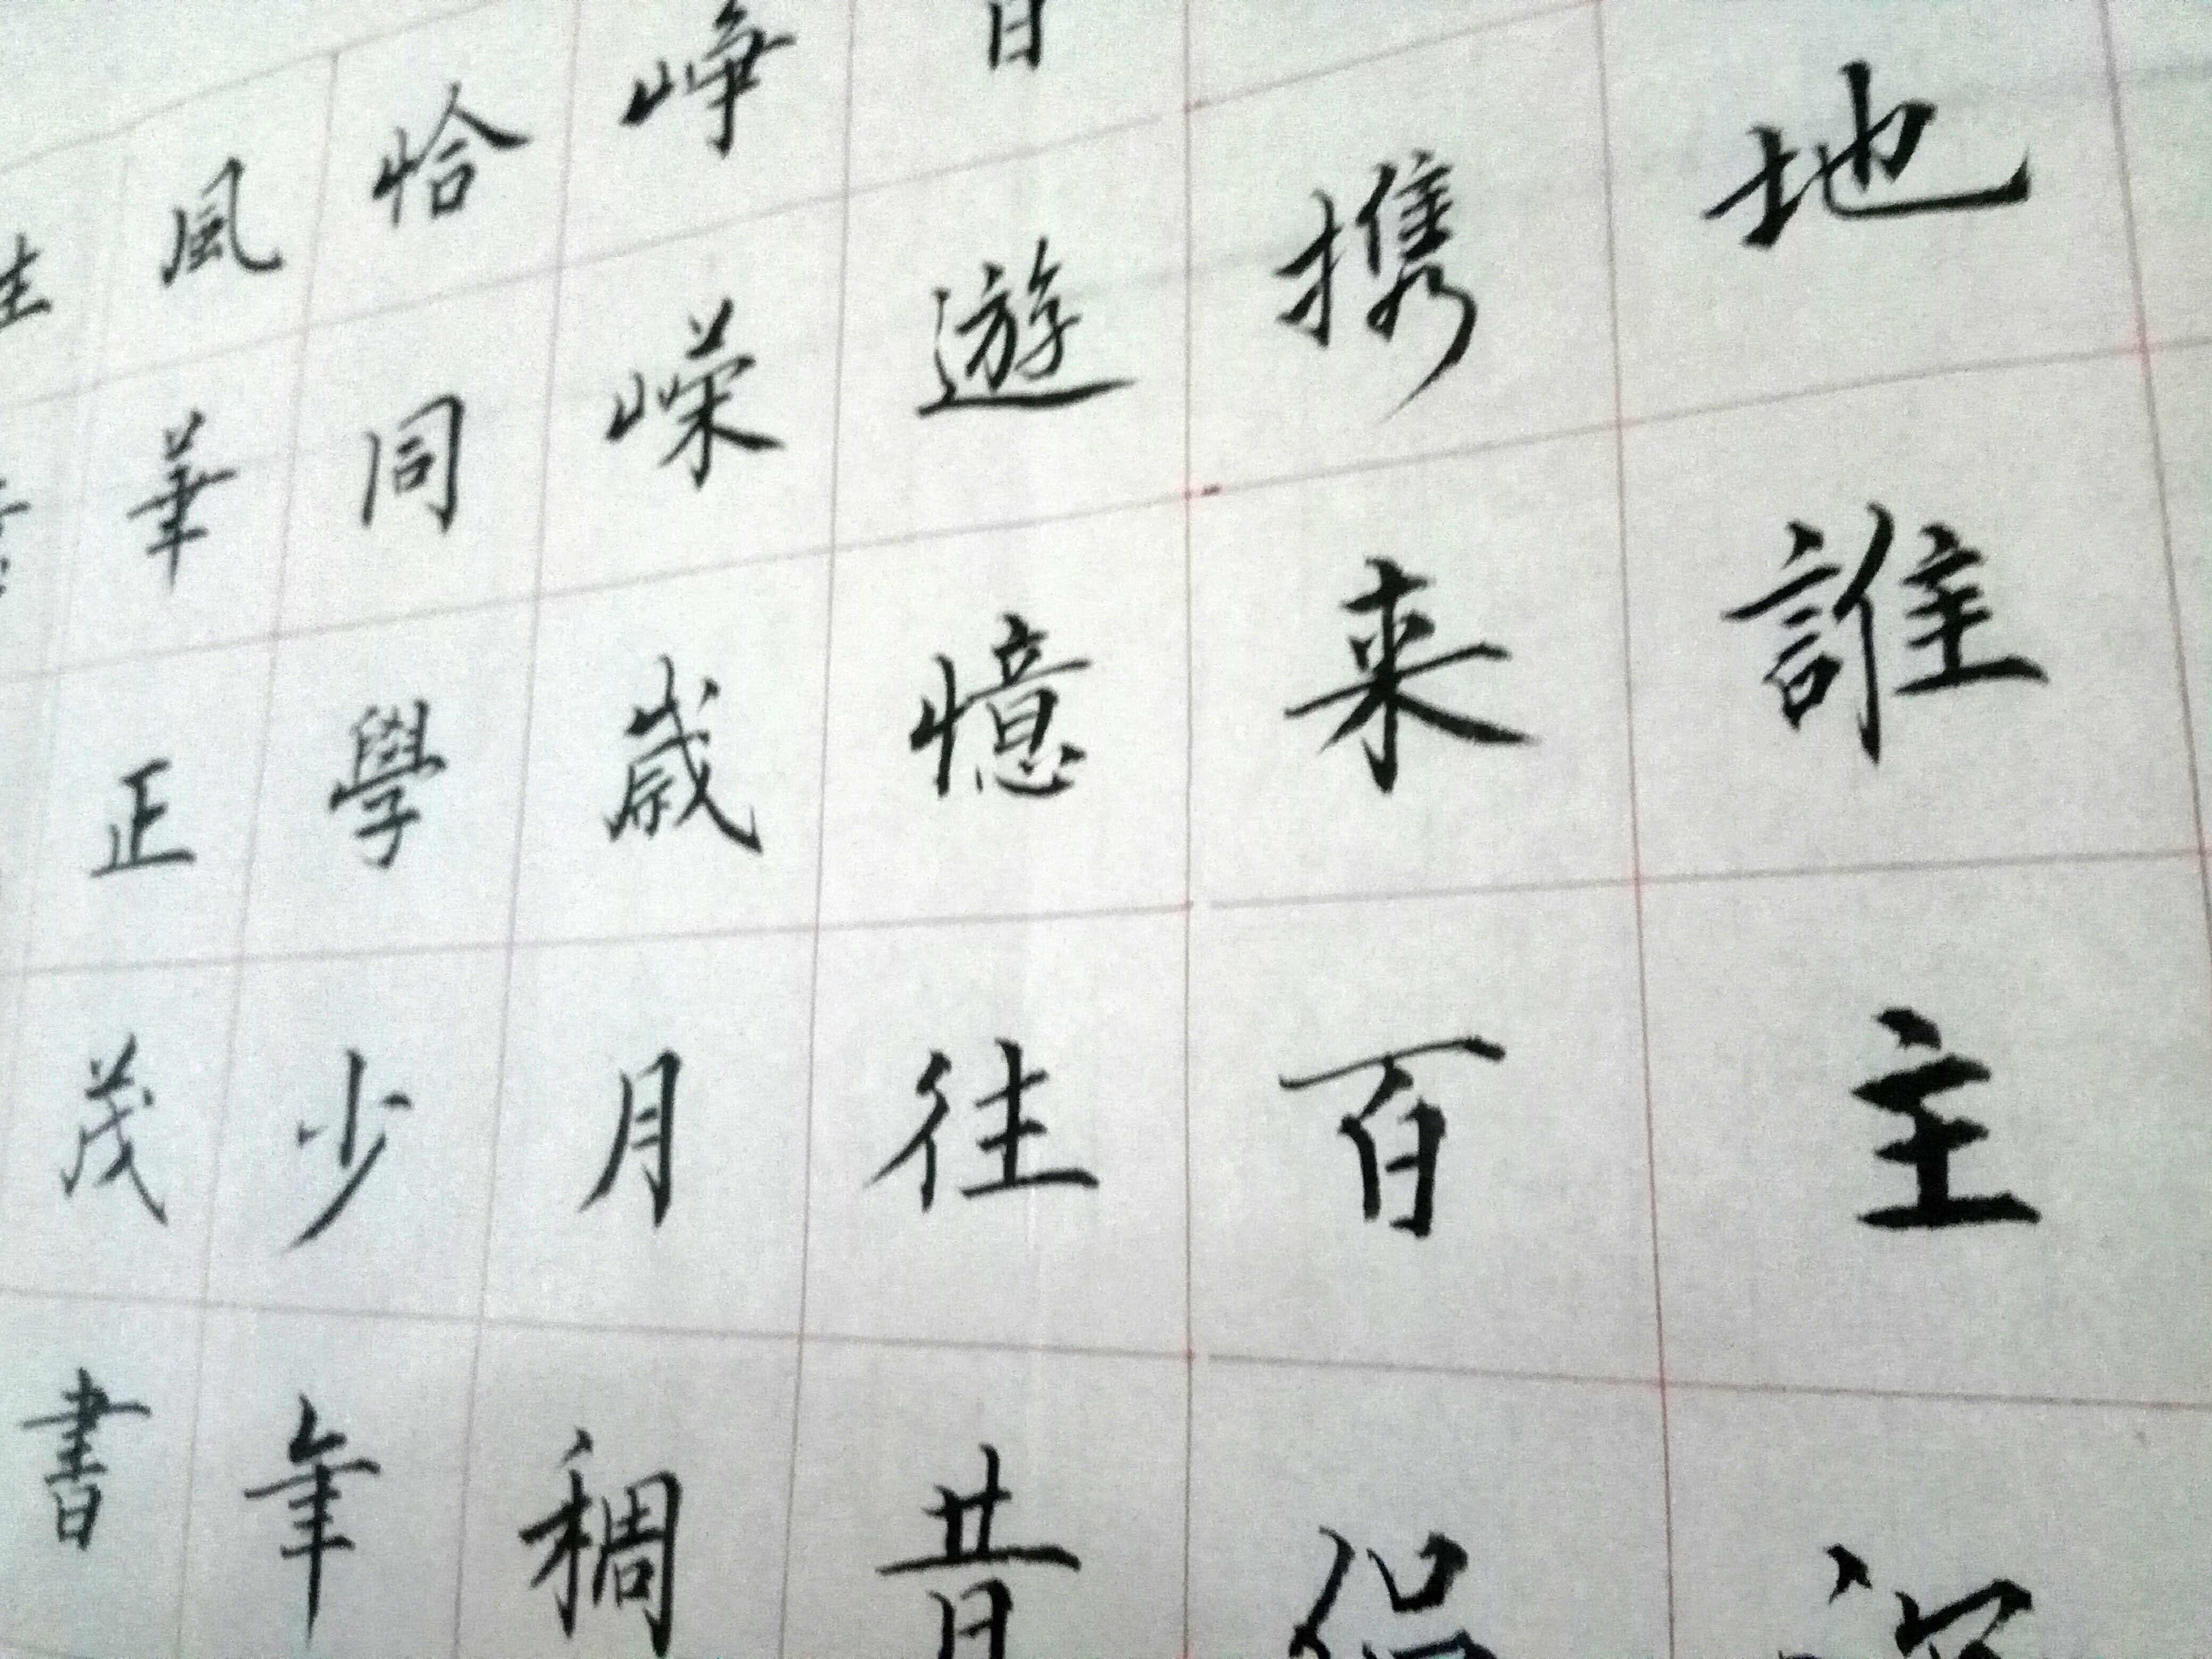 中国毛笔书法作品横幅毛泽东沁园春长沙送领导送长辈宾馆饭店装饰